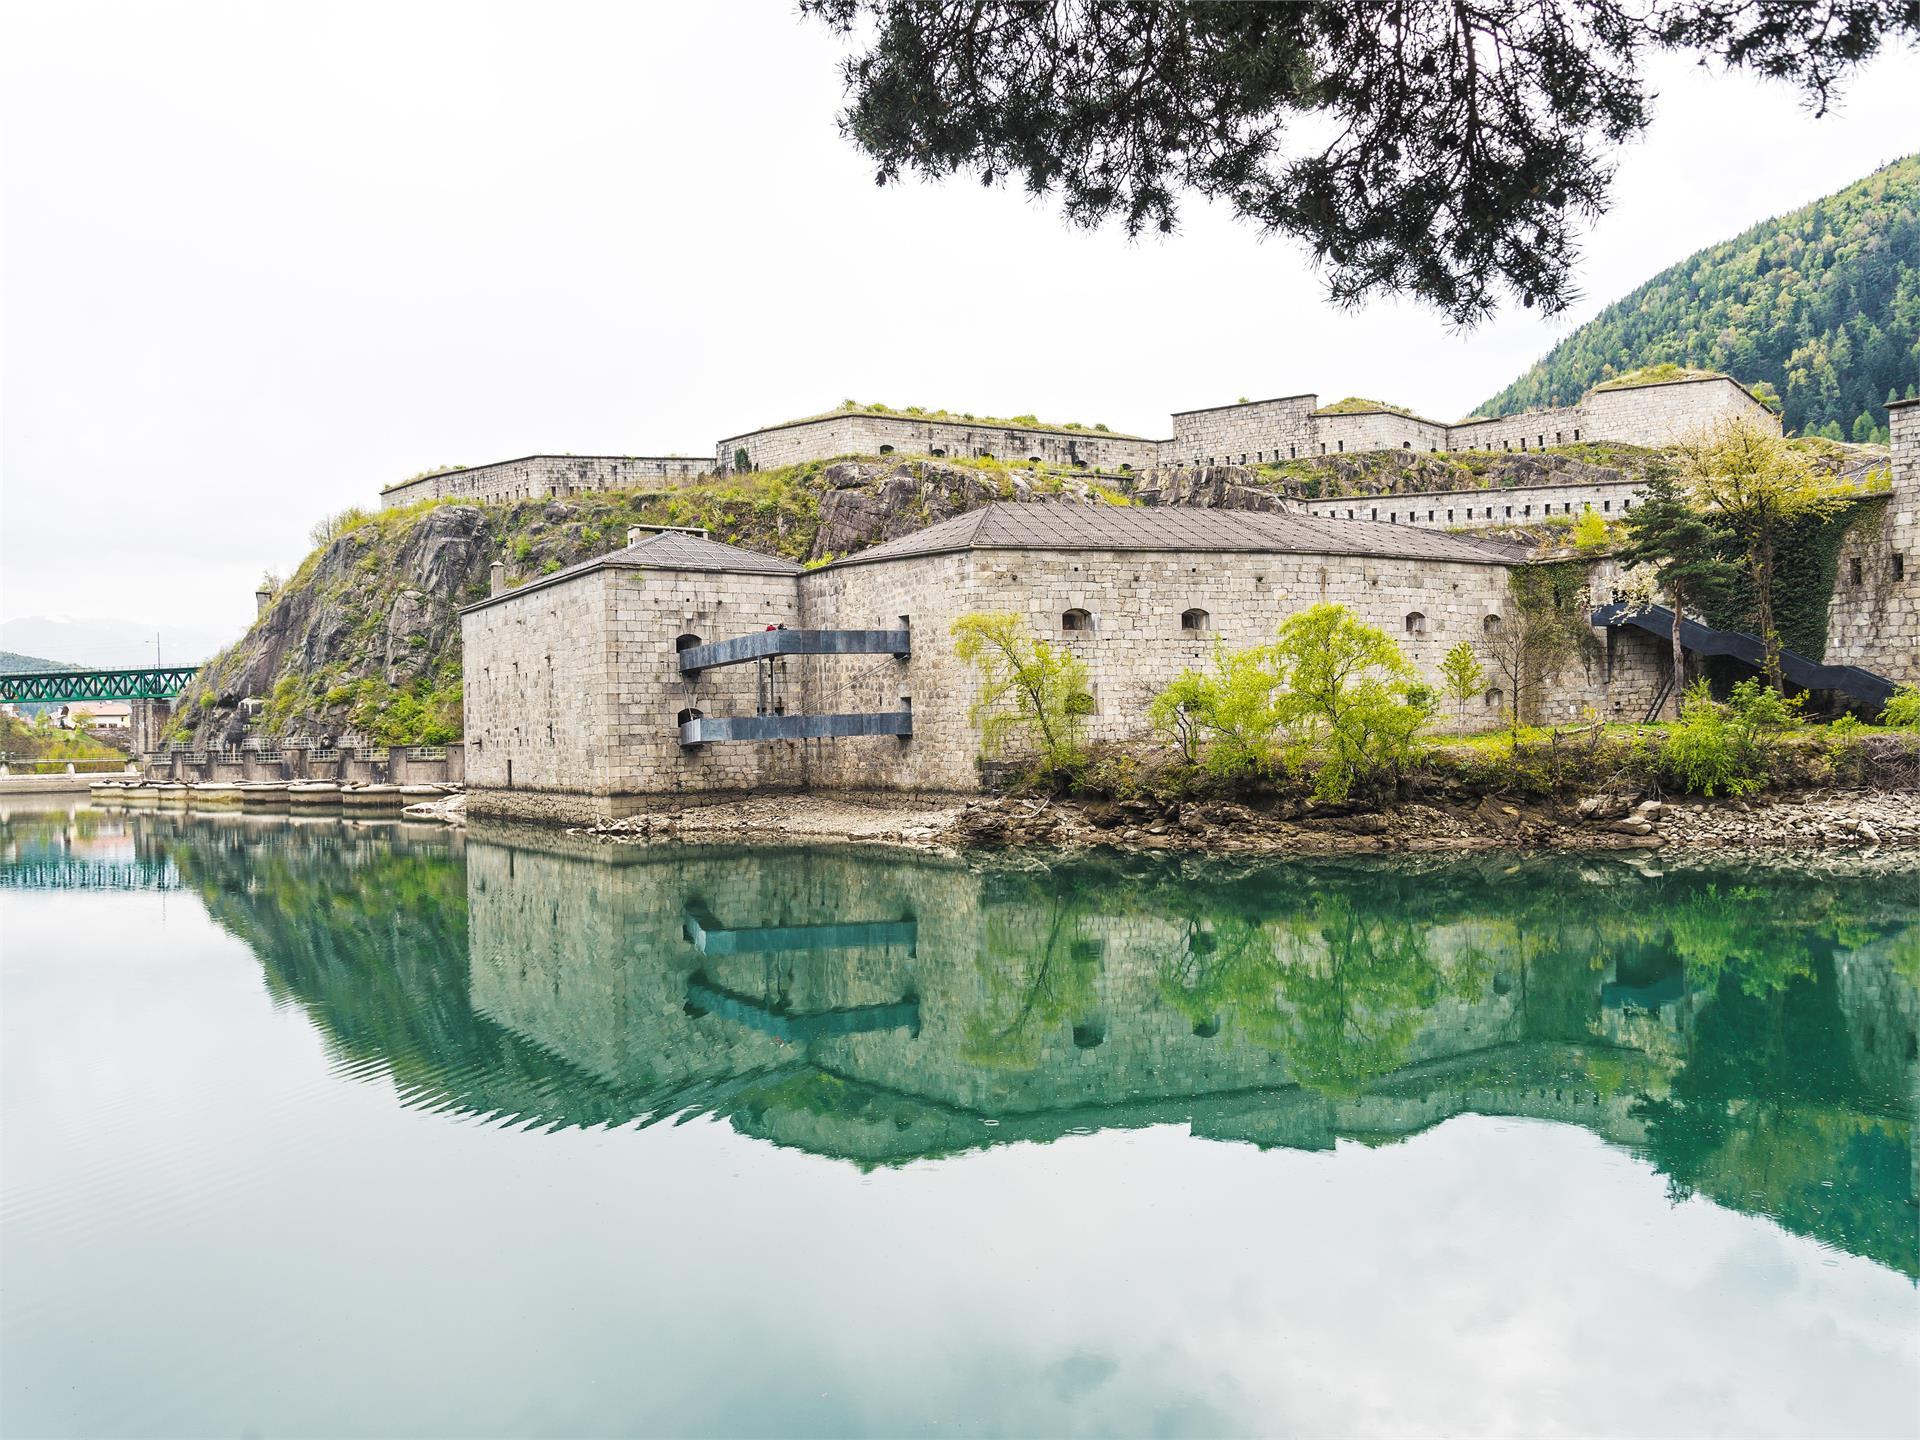 Festung Franzensfeste